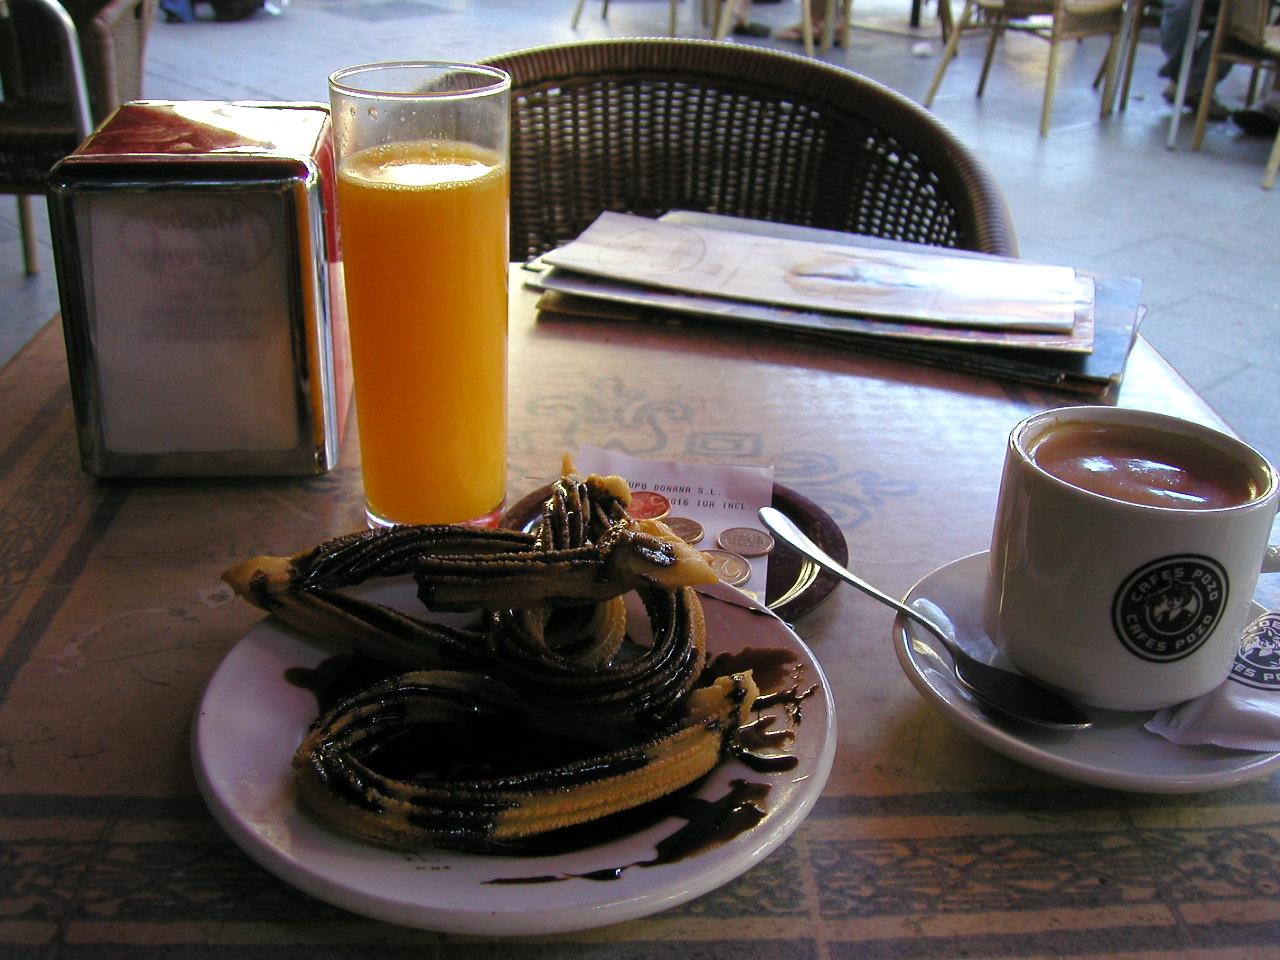 Jugo desayuno naranja y cafe de